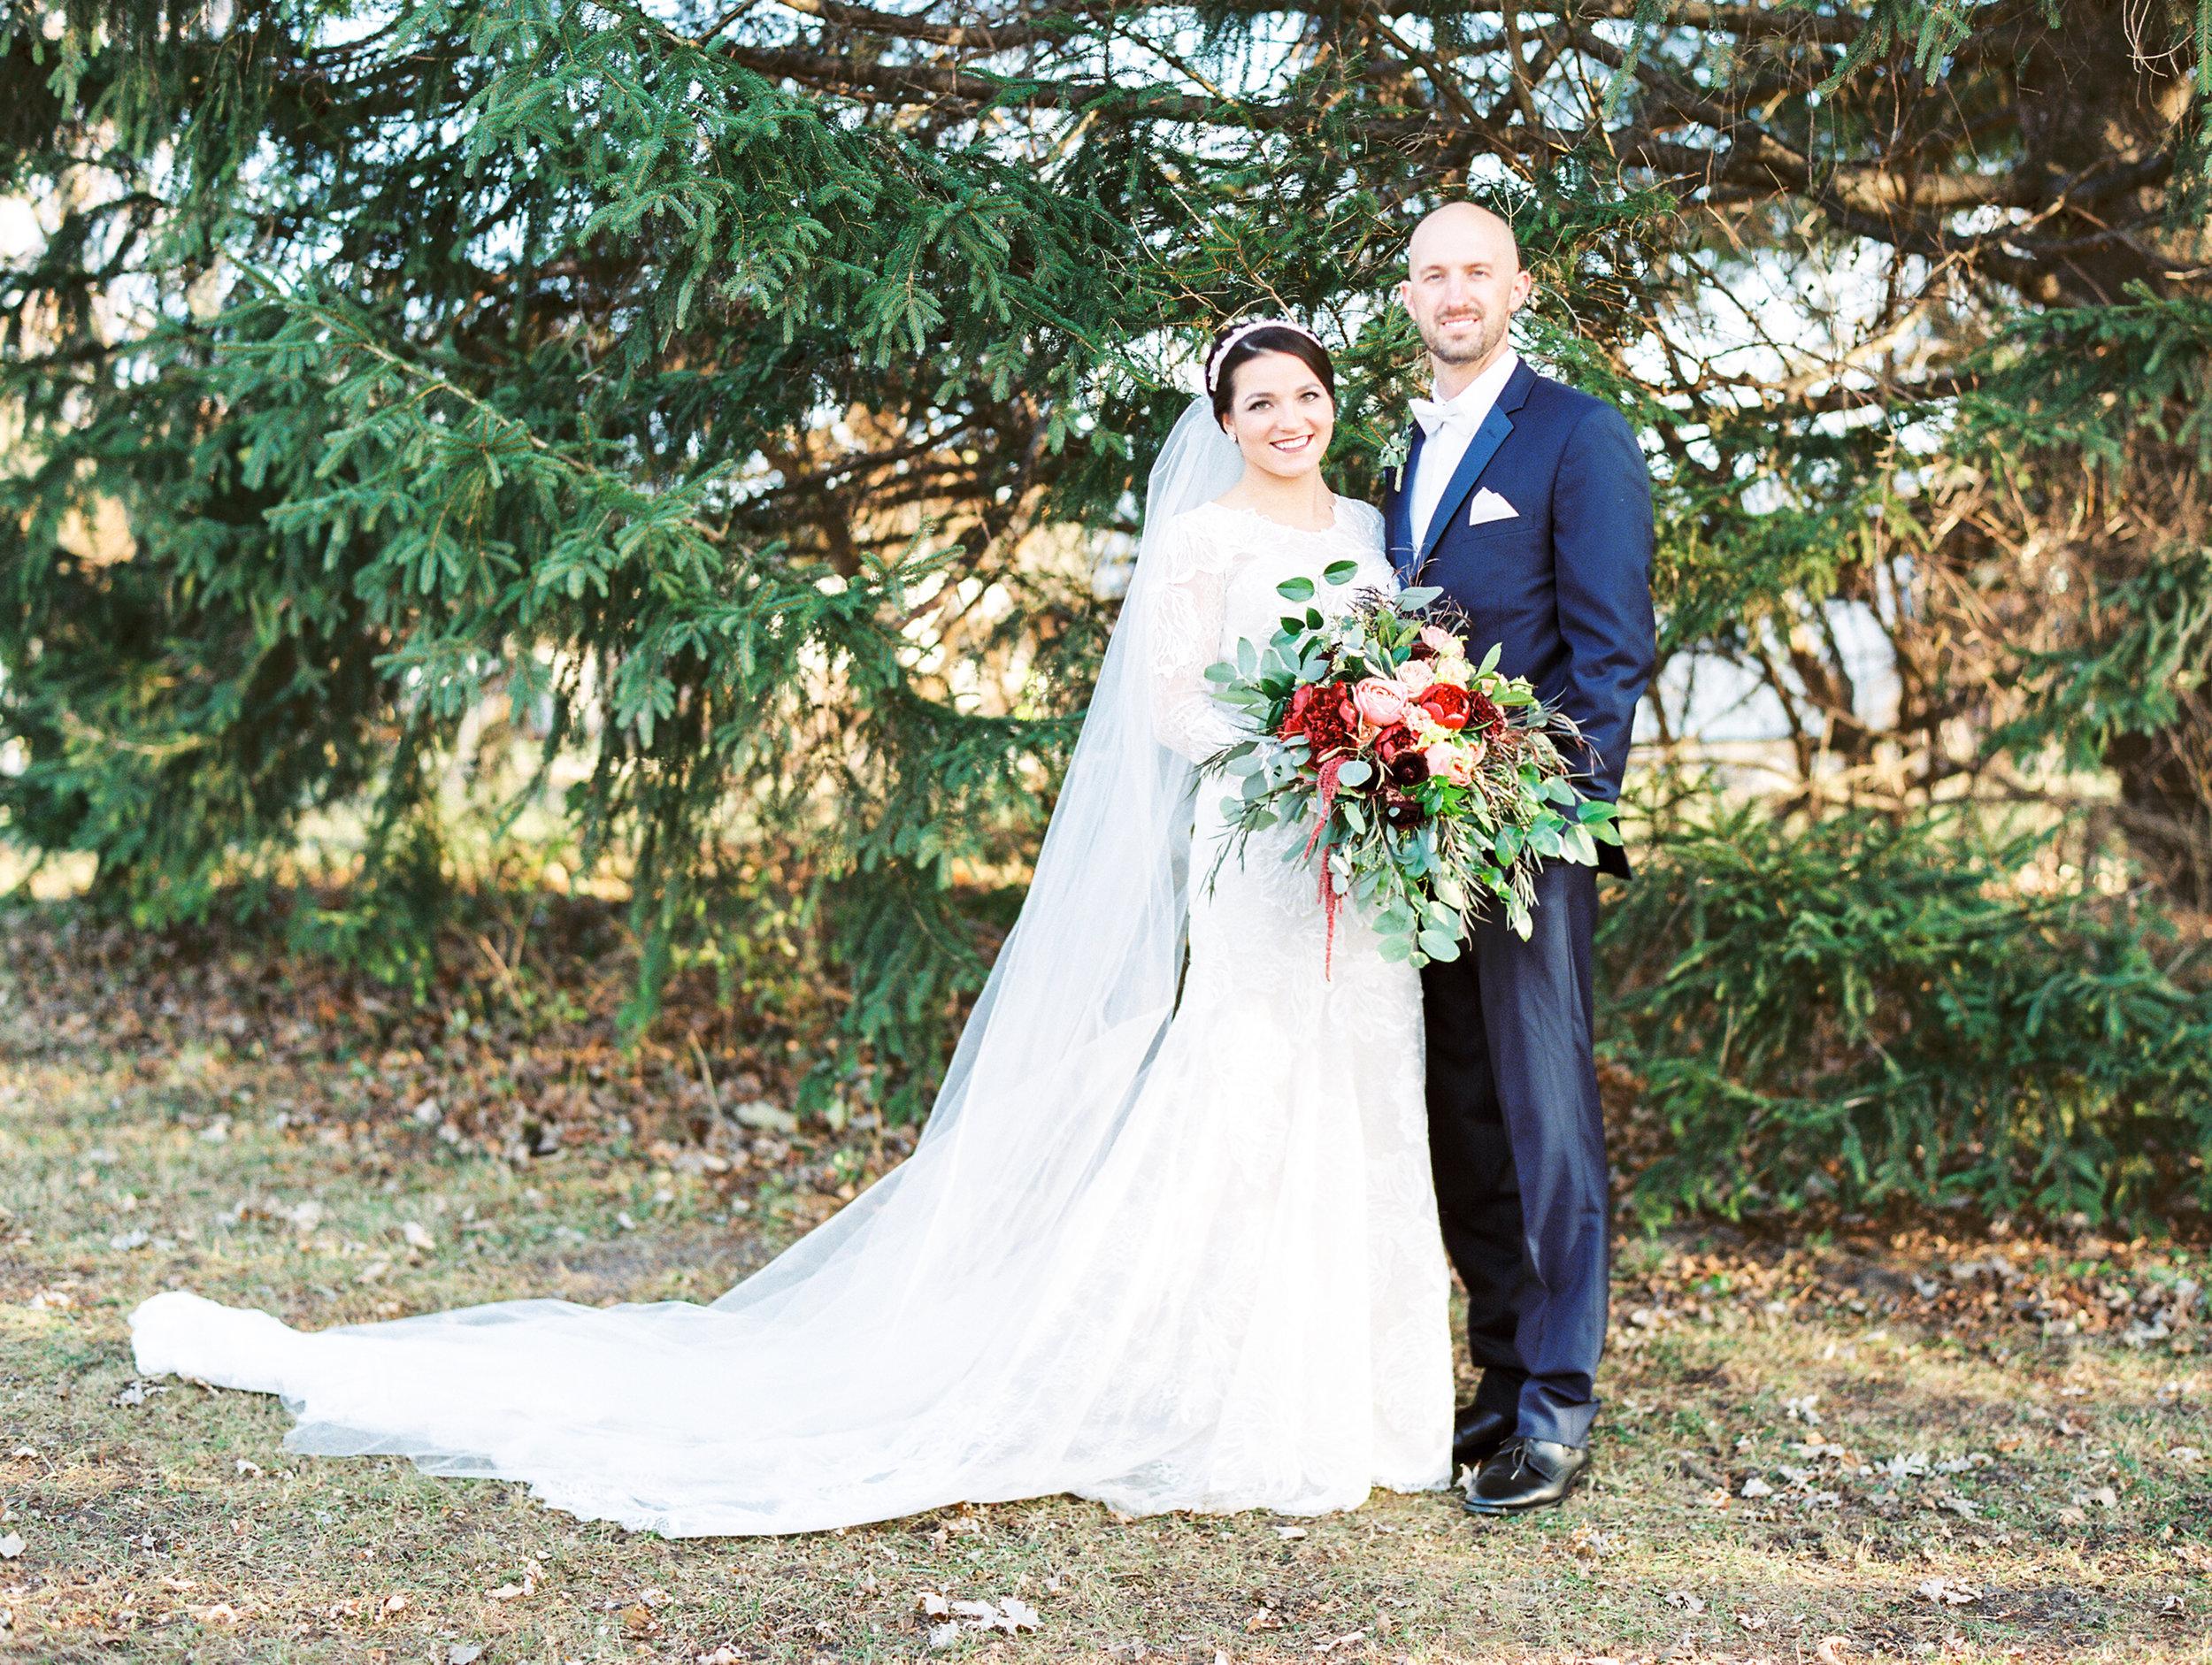 Vogelzang+Wedding+Bride+Groom-21.jpg